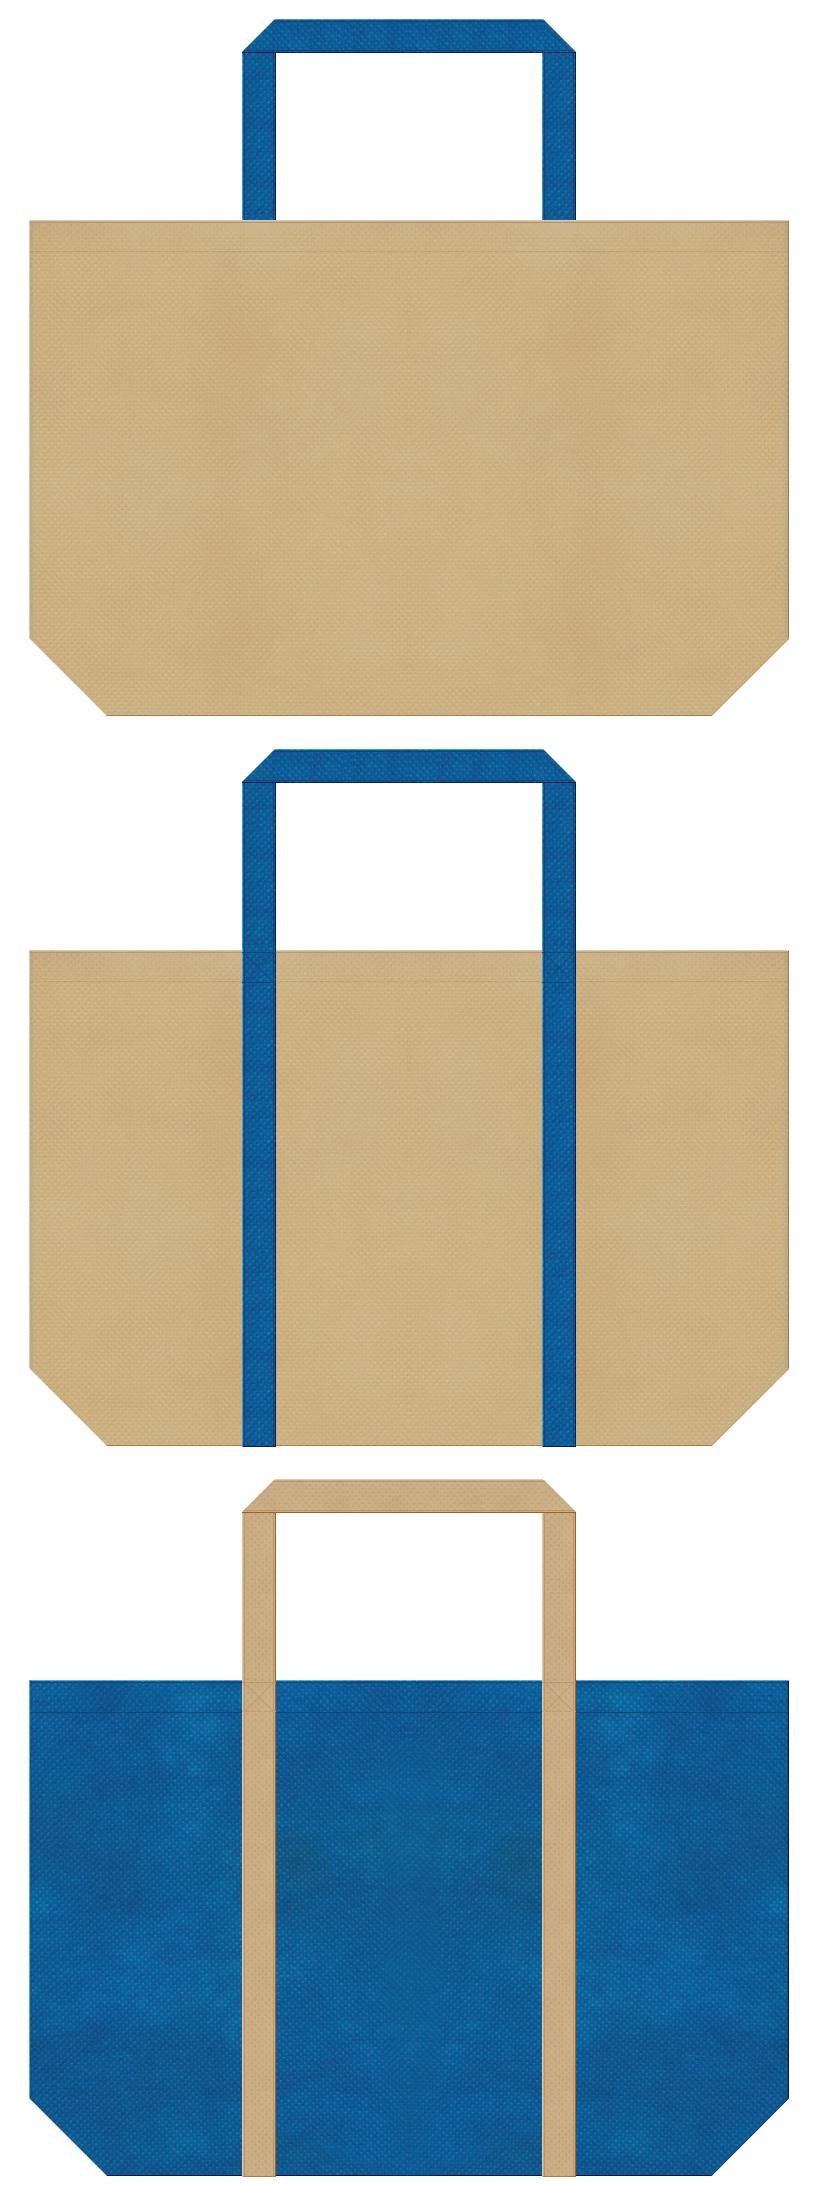 カーキ色と青色の不織布ショッピングバッグデザイン。